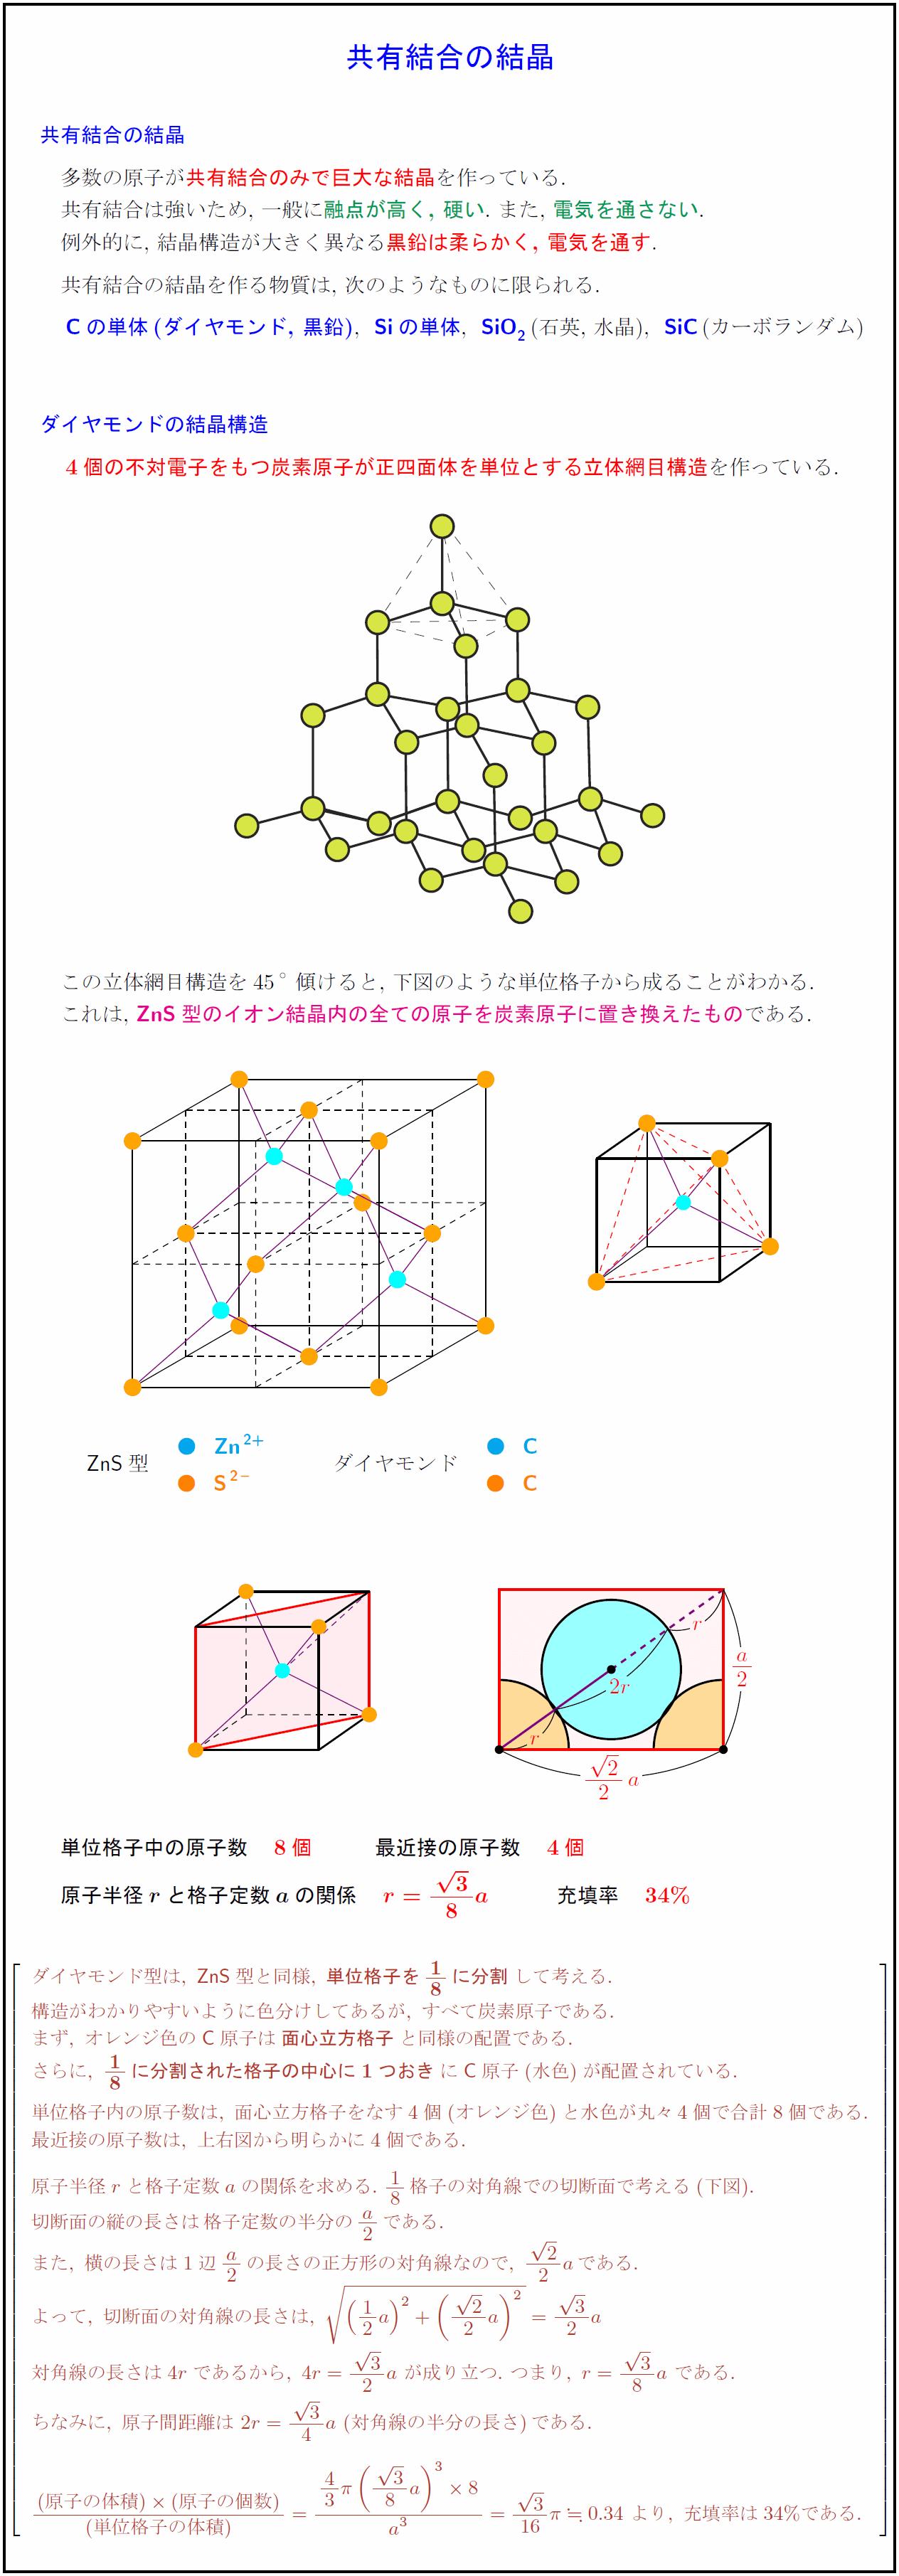 立方 格子 単純